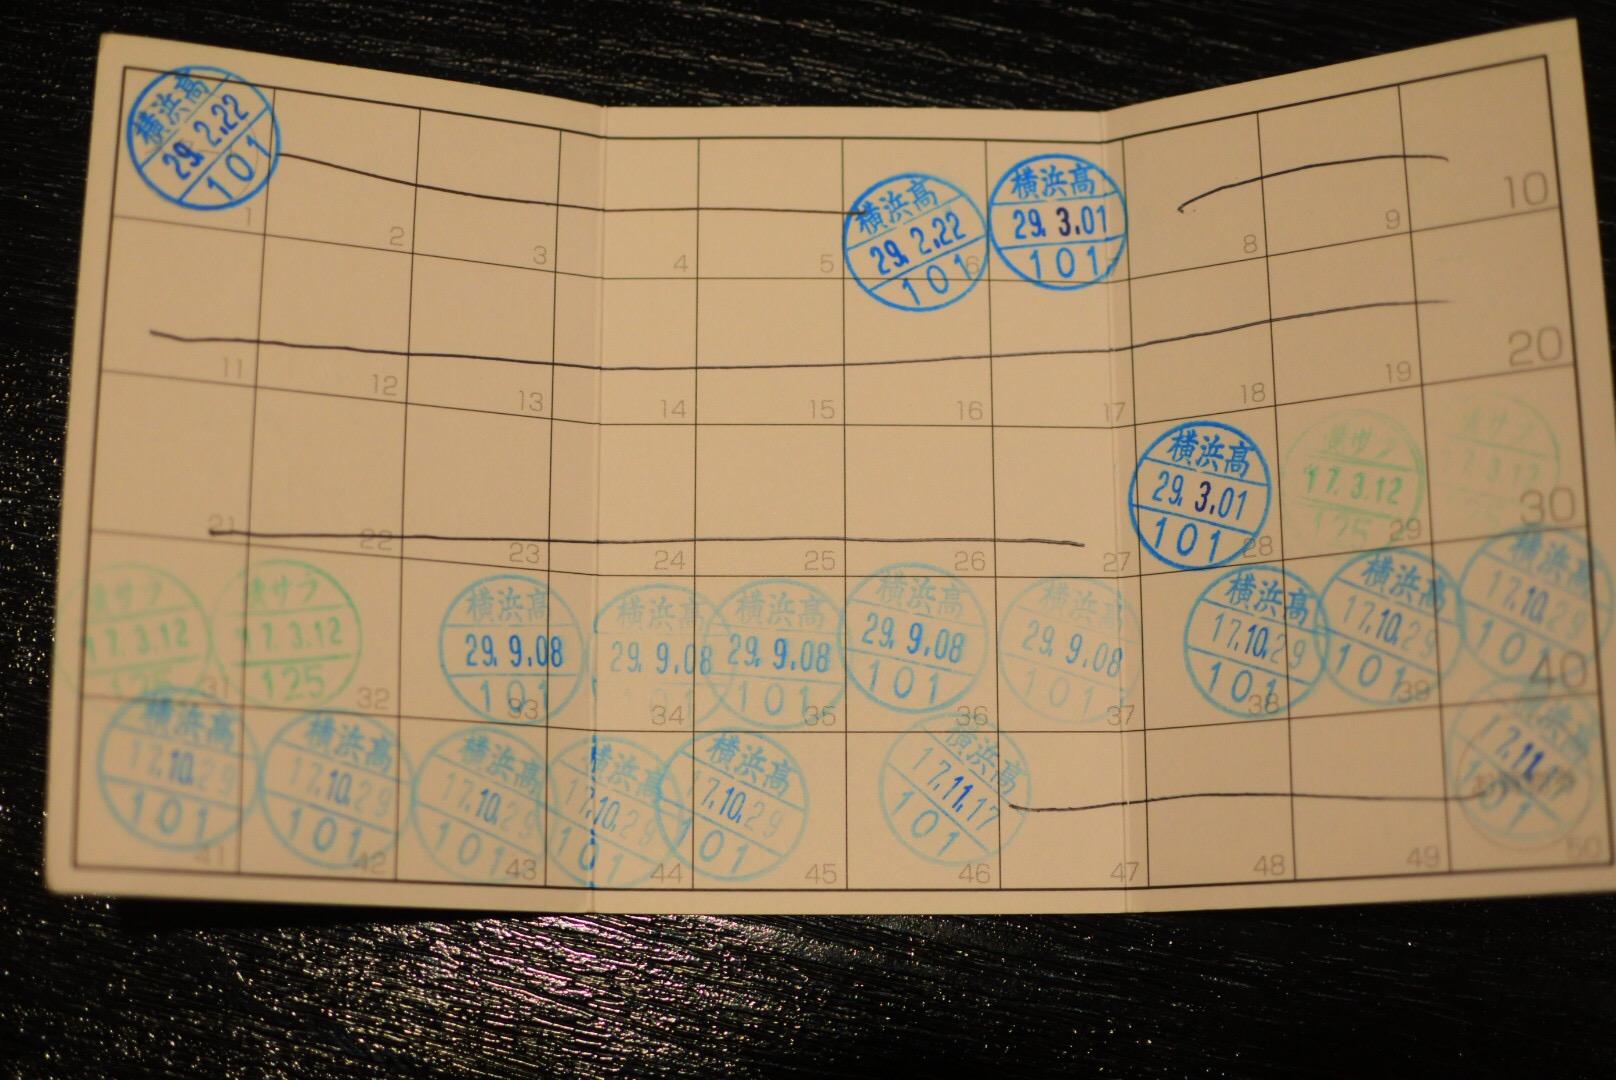 ポイント大量ゲット!横浜高島屋タカノフルーツパーラーオープン5周年記念